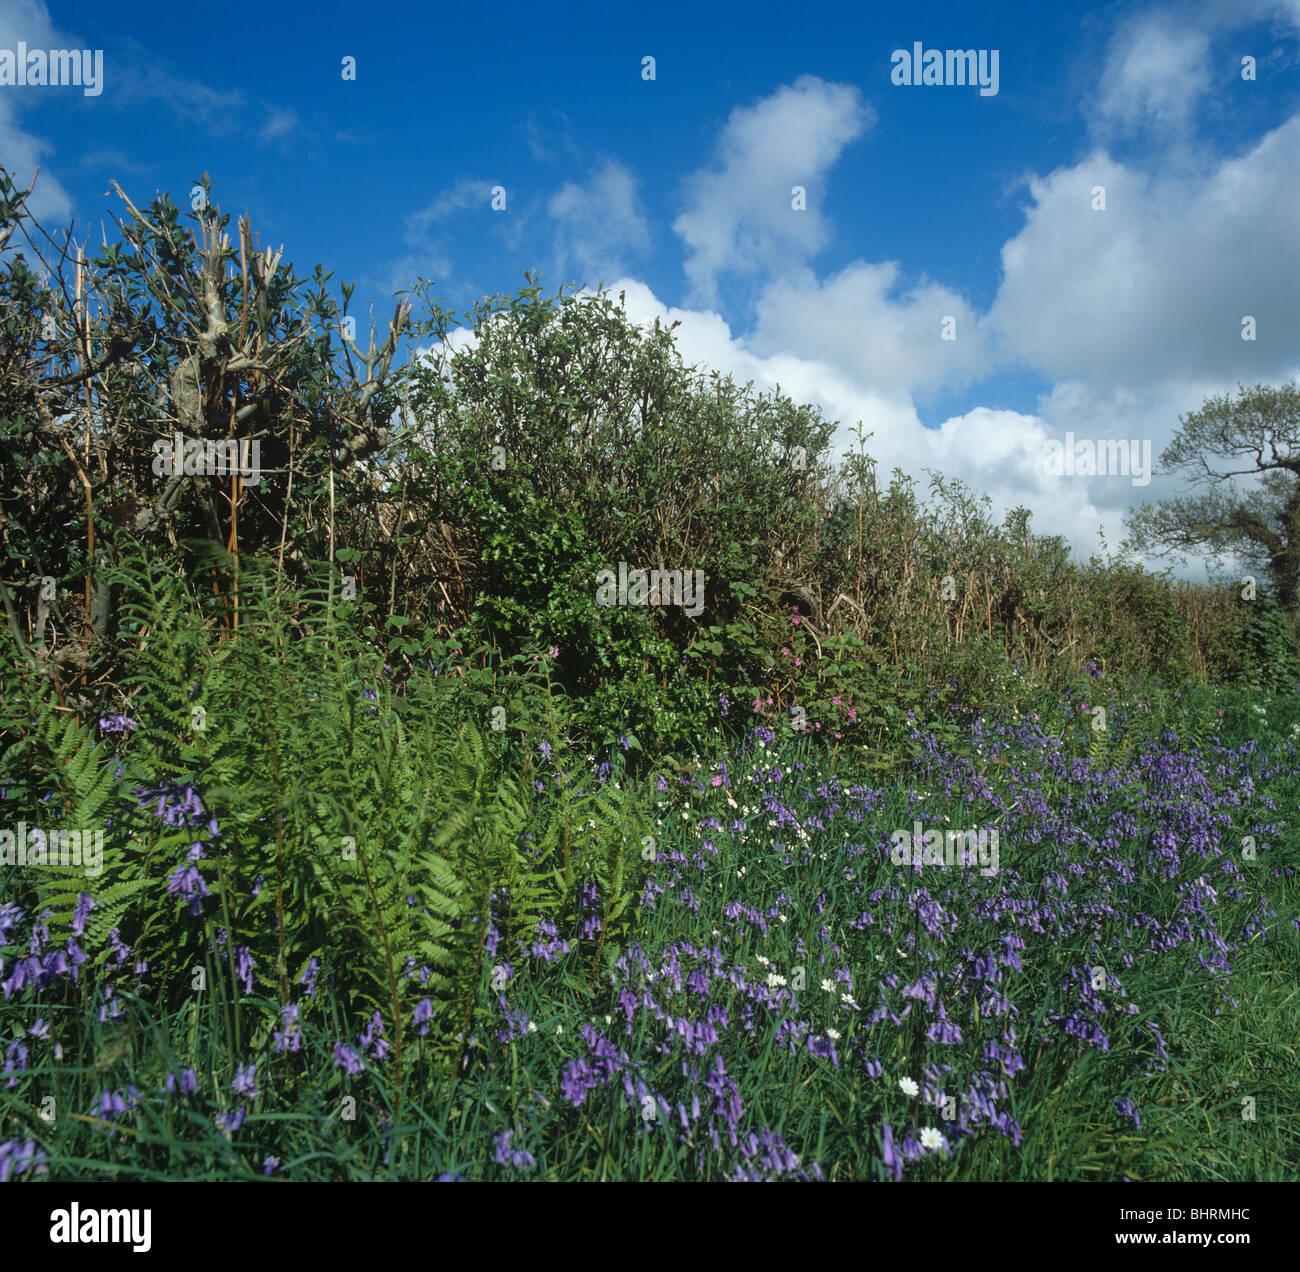 Devon bank et haie avec jacinthes en fleurs au printemps Photo Stock